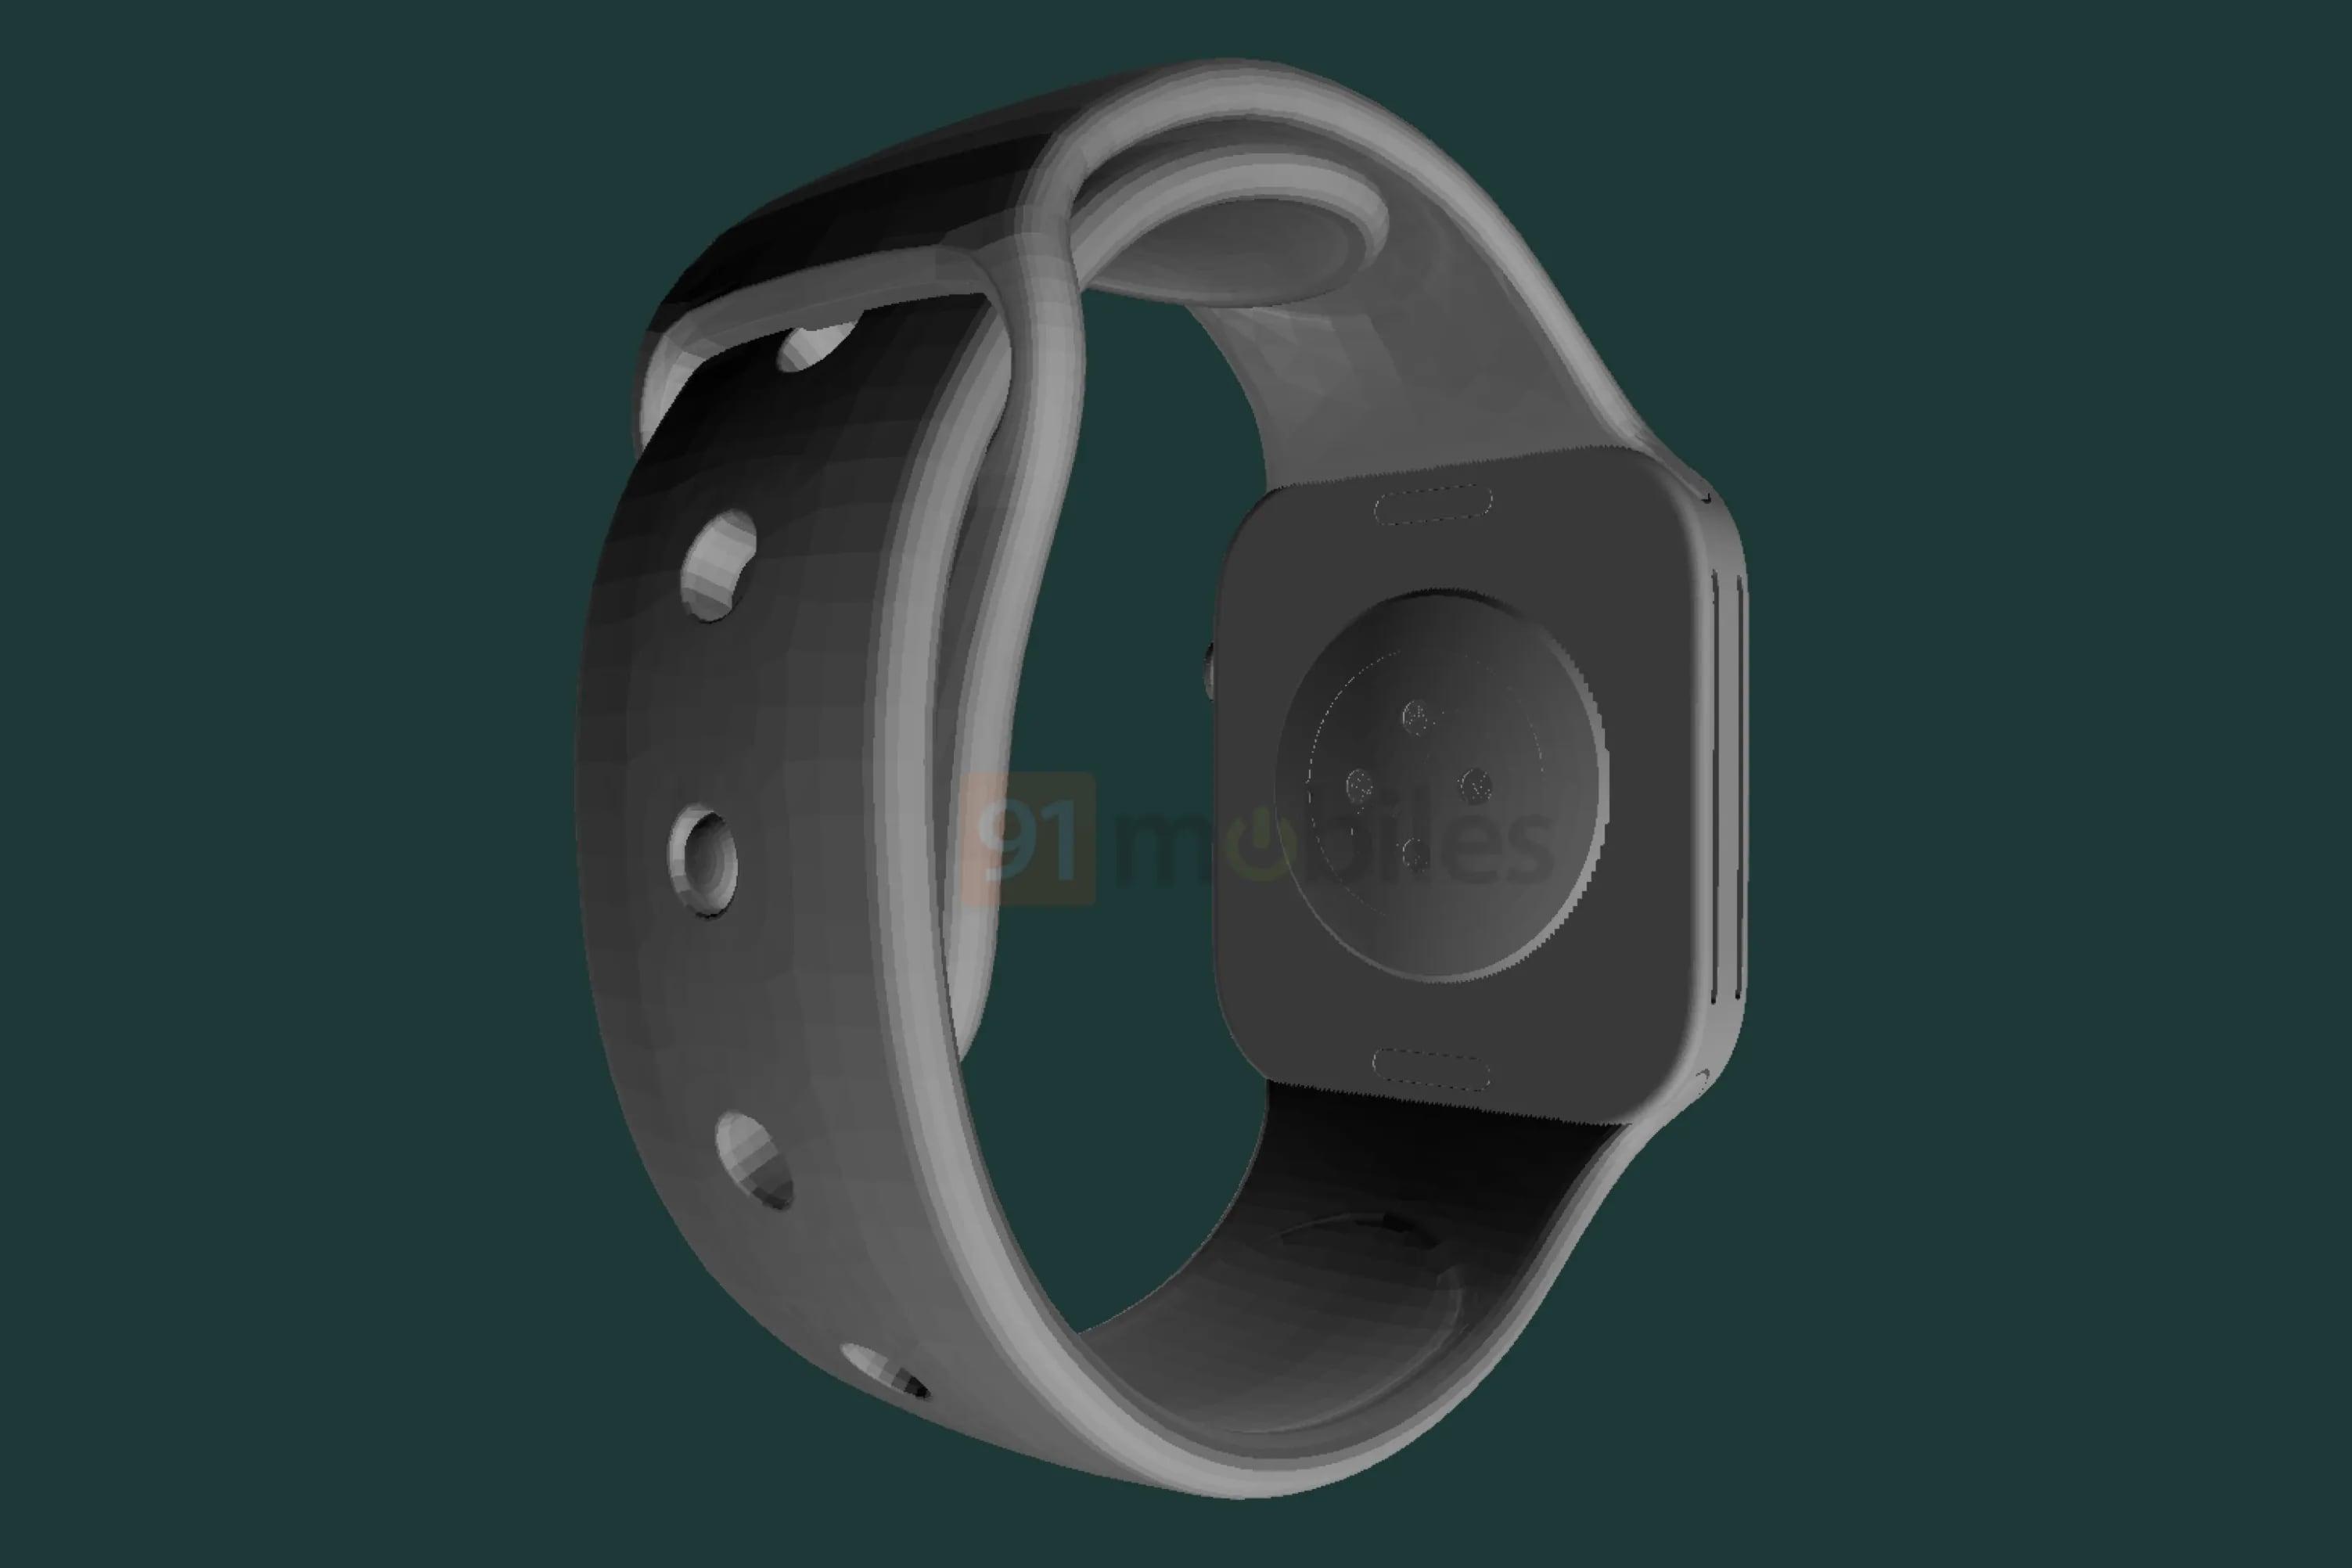 Появились первые чертежи Apple Watch Series 7 с новым дизайном и большим экраном